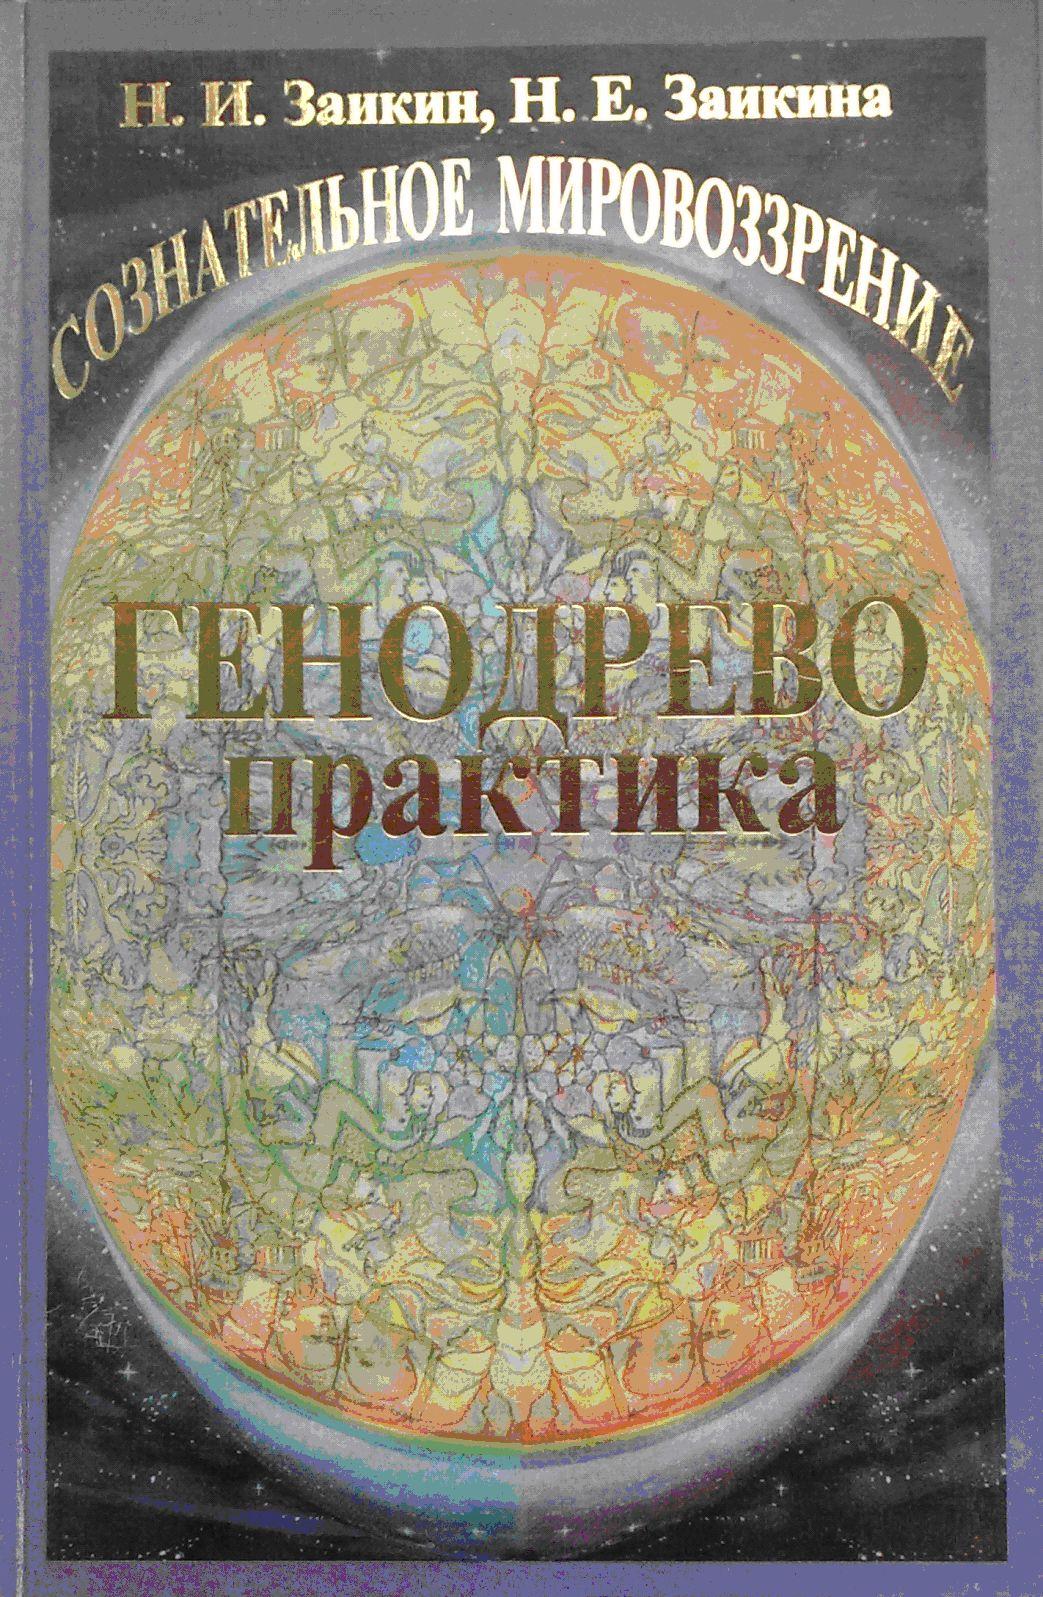 Учебник развития сознания. Книга 2. Генодрево. Практика